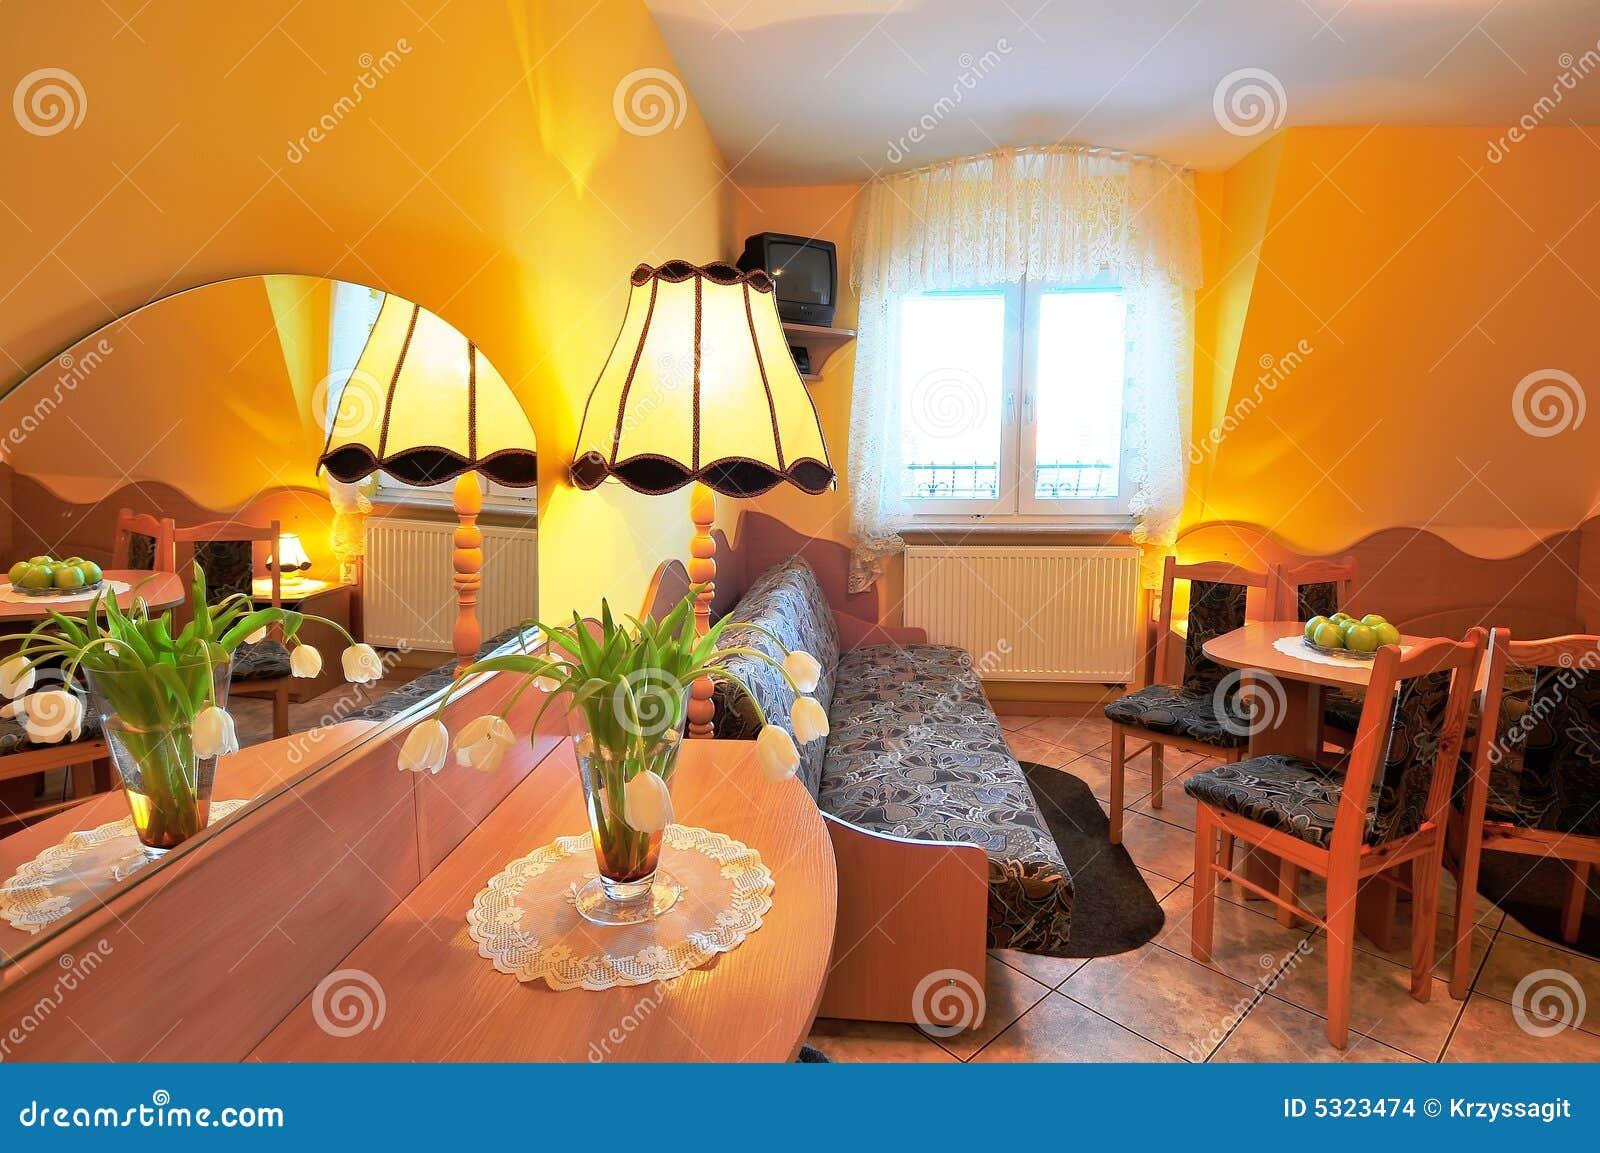 Download Tabella Di Preparazione Nella Stanza Arancione Fotografia Stock - Immagine di particolare, preparazione: 5323474